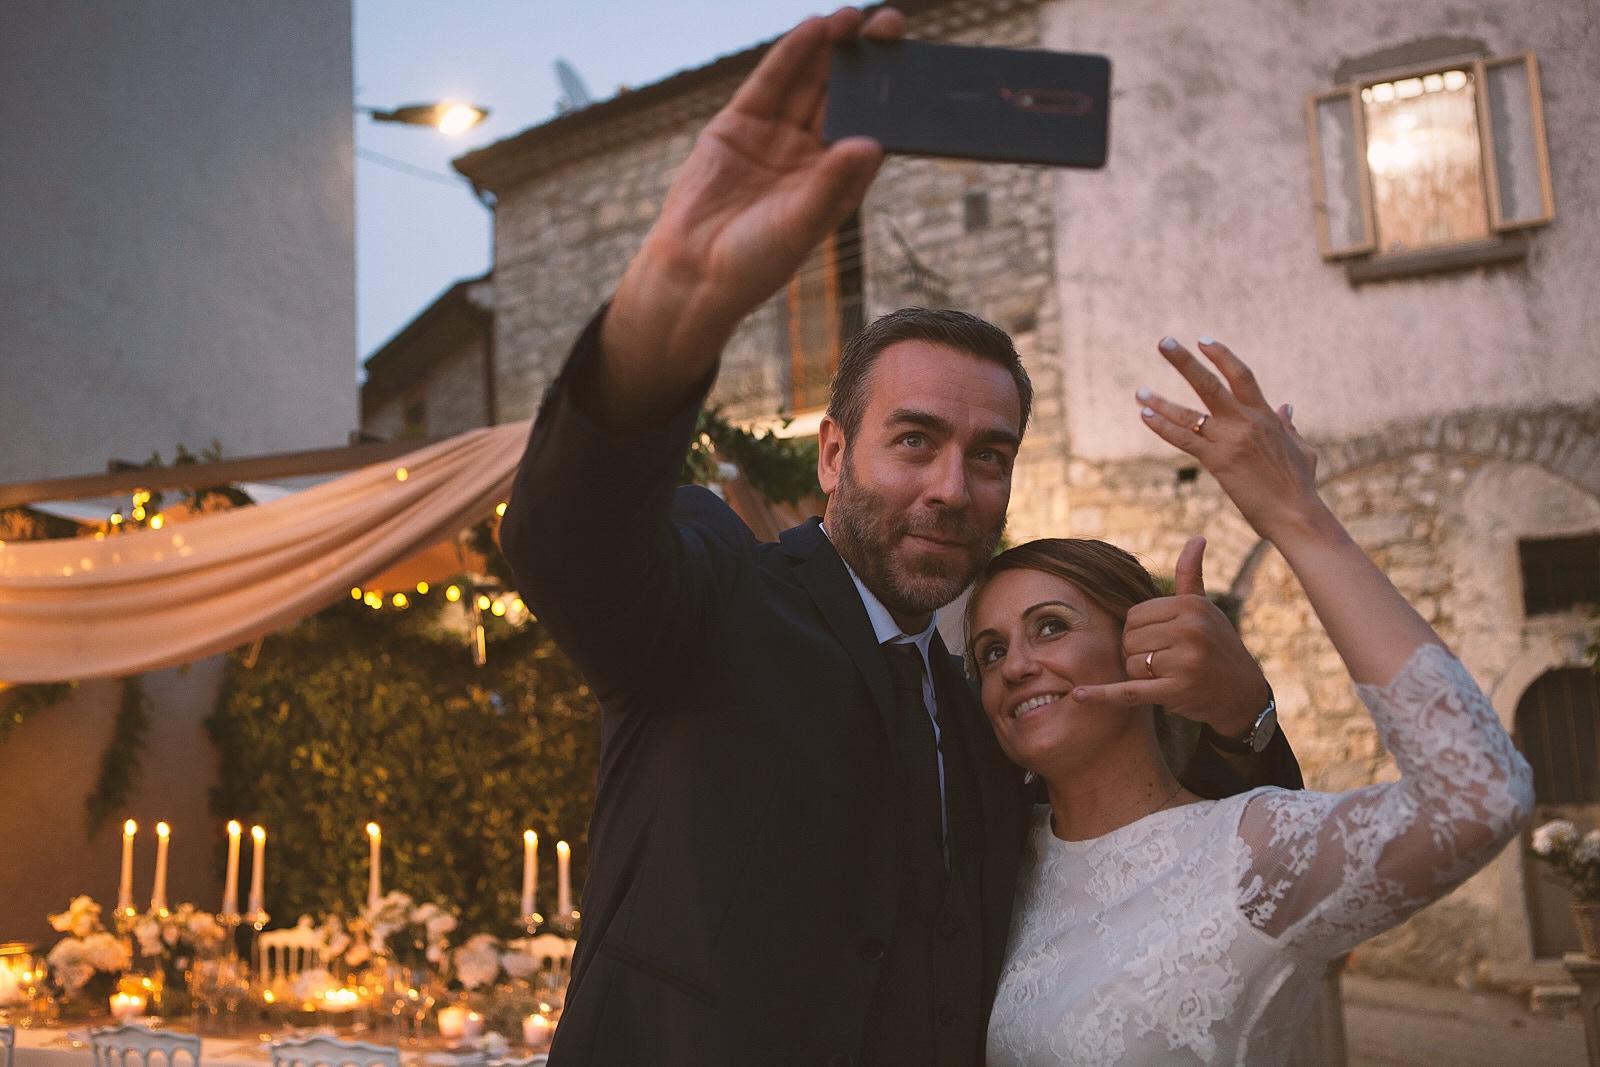 tavola invitati candele fiori intimo lusso matrimonio stile selfie